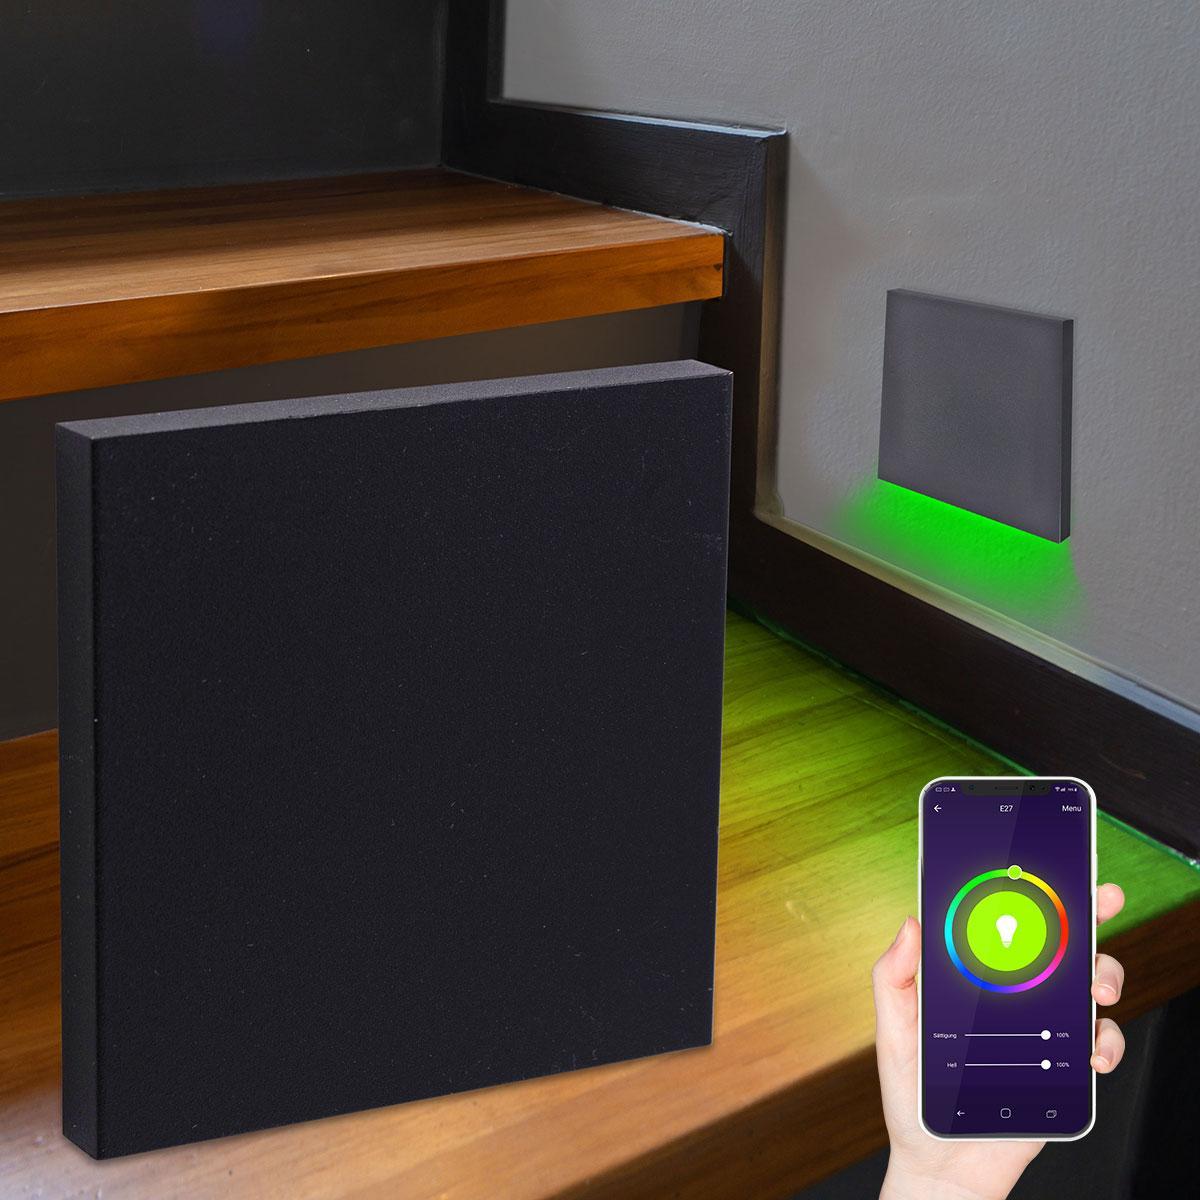 LED Treppenlicht Wandeinbauleuchte Smart Tuya RGB+CCT 230V 5W schwarz Lichtaustritt unten